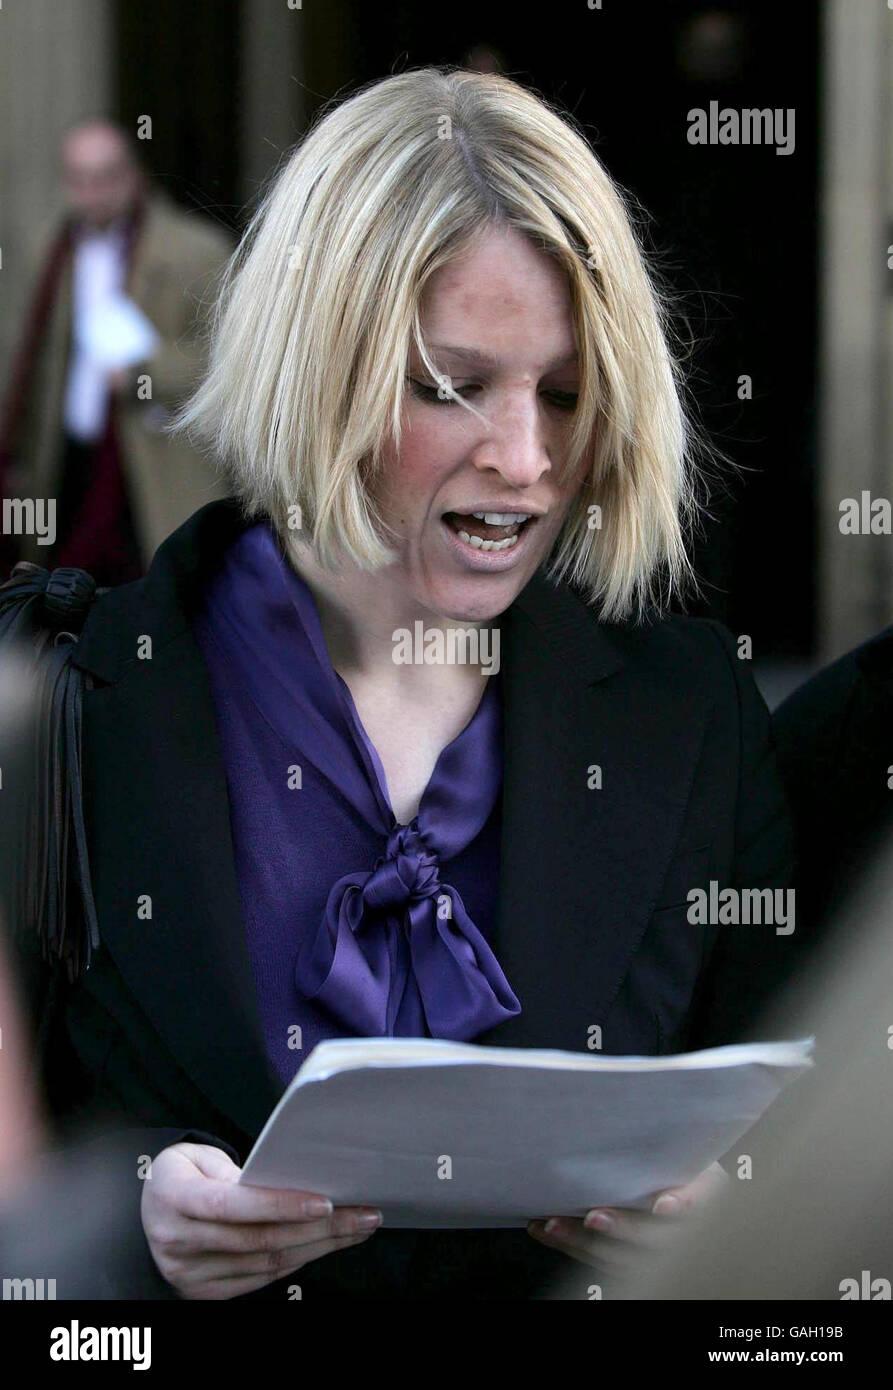 Women wins right to sue Lotto rapist - Stock Image